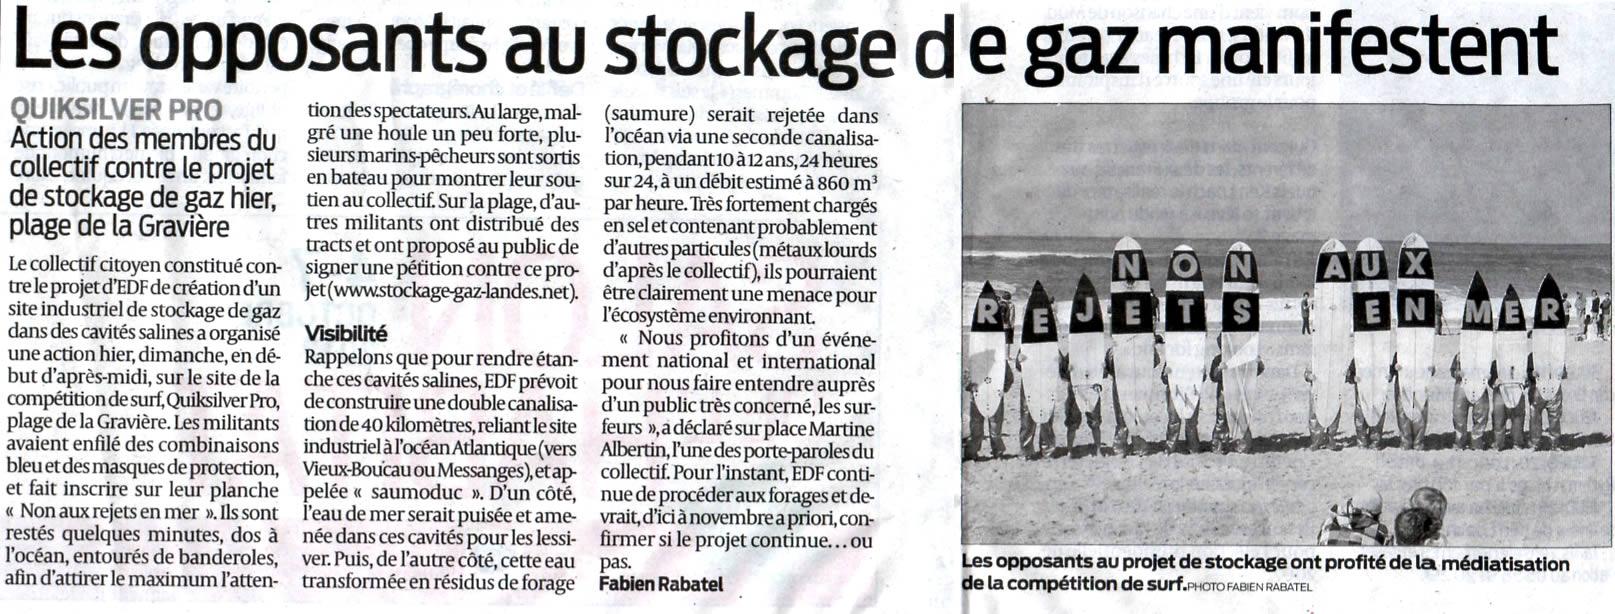 Stockage-gaz-landes.net - Salins des Landes - Les opposants au stockage de gaz manifestent